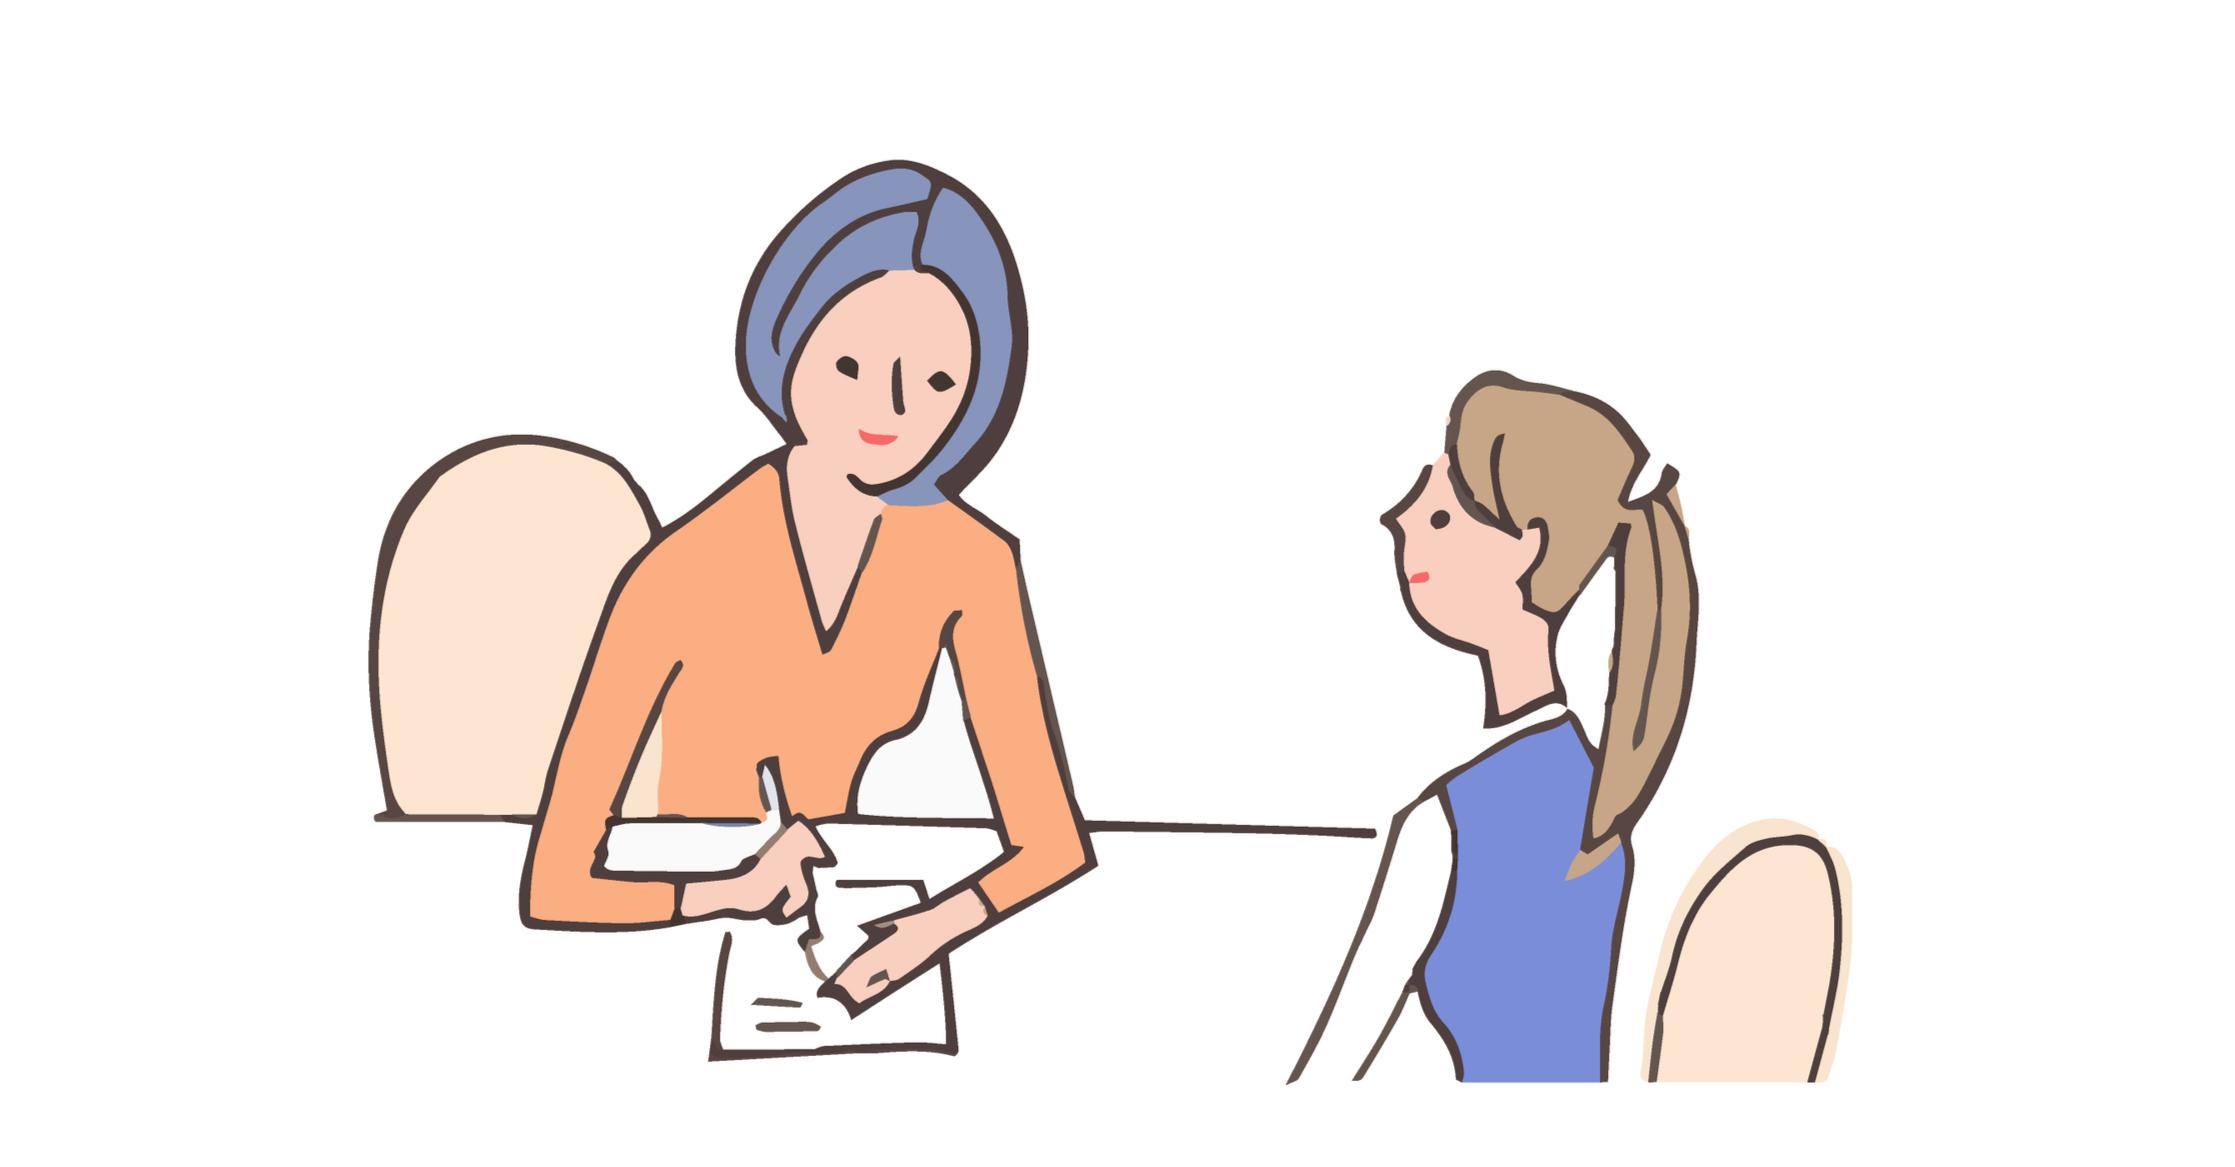 発達障がい者支援センターで受けられる支援内容や相談方法って?